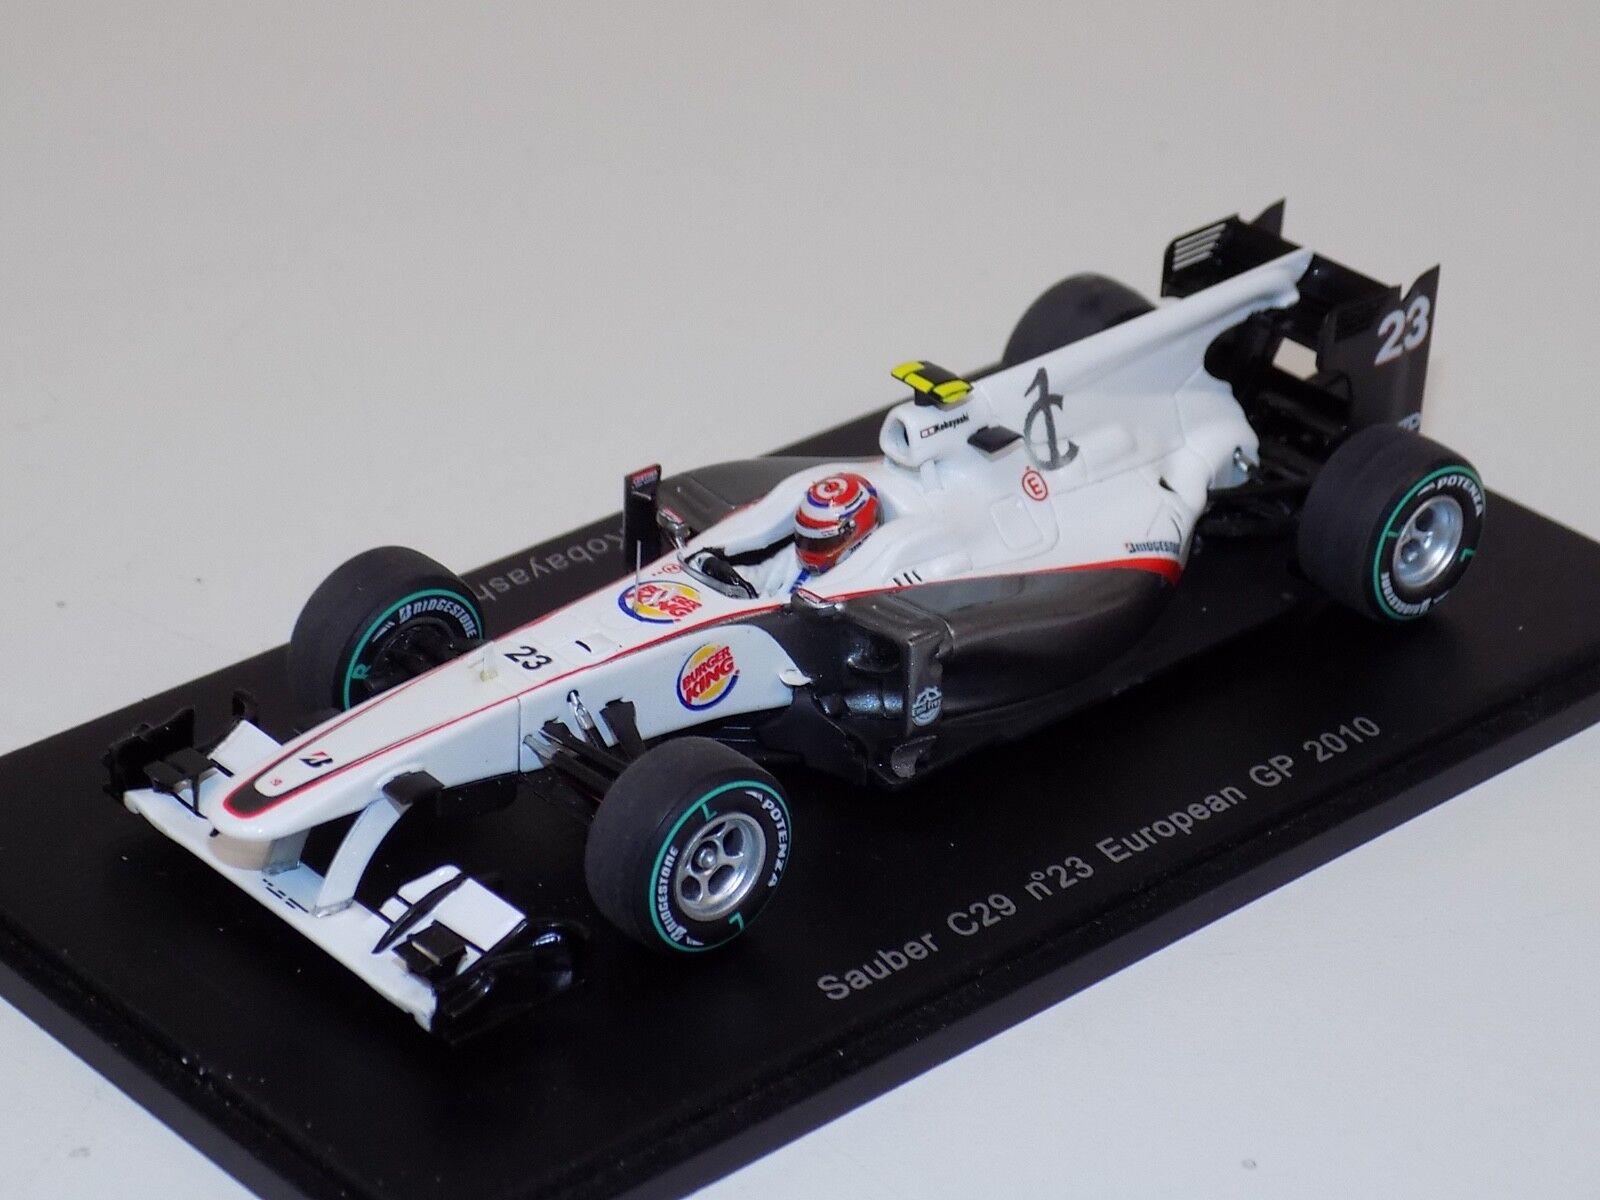 1 43 Spark Sauber C29 voiture  23 2010 Grand Prix d'Europe K. Kobayashi S3005